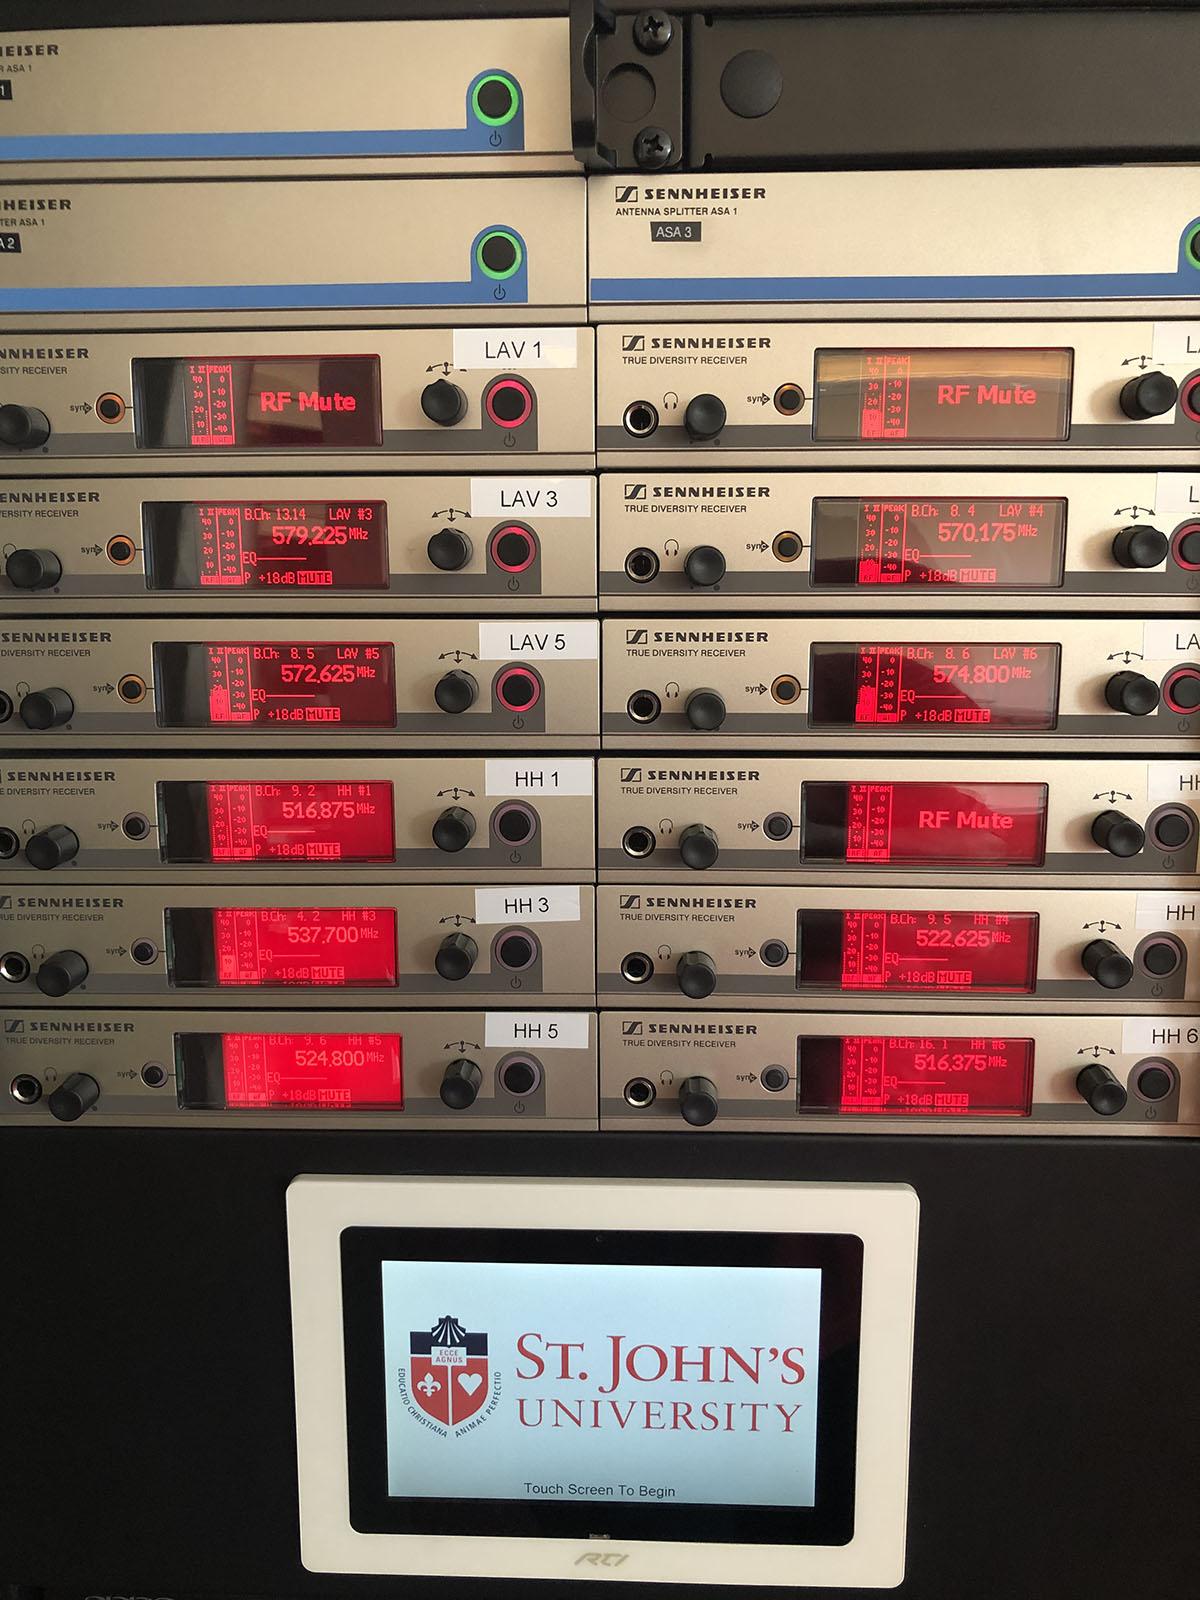 С помощью программного инструмента Control Cockpit от Sennheiser технический специалист может удаленно и в режиме реального времени контролировать все подключенные к системе аудиоустройства (фото предоставлено Университетом Св. Иоанна).